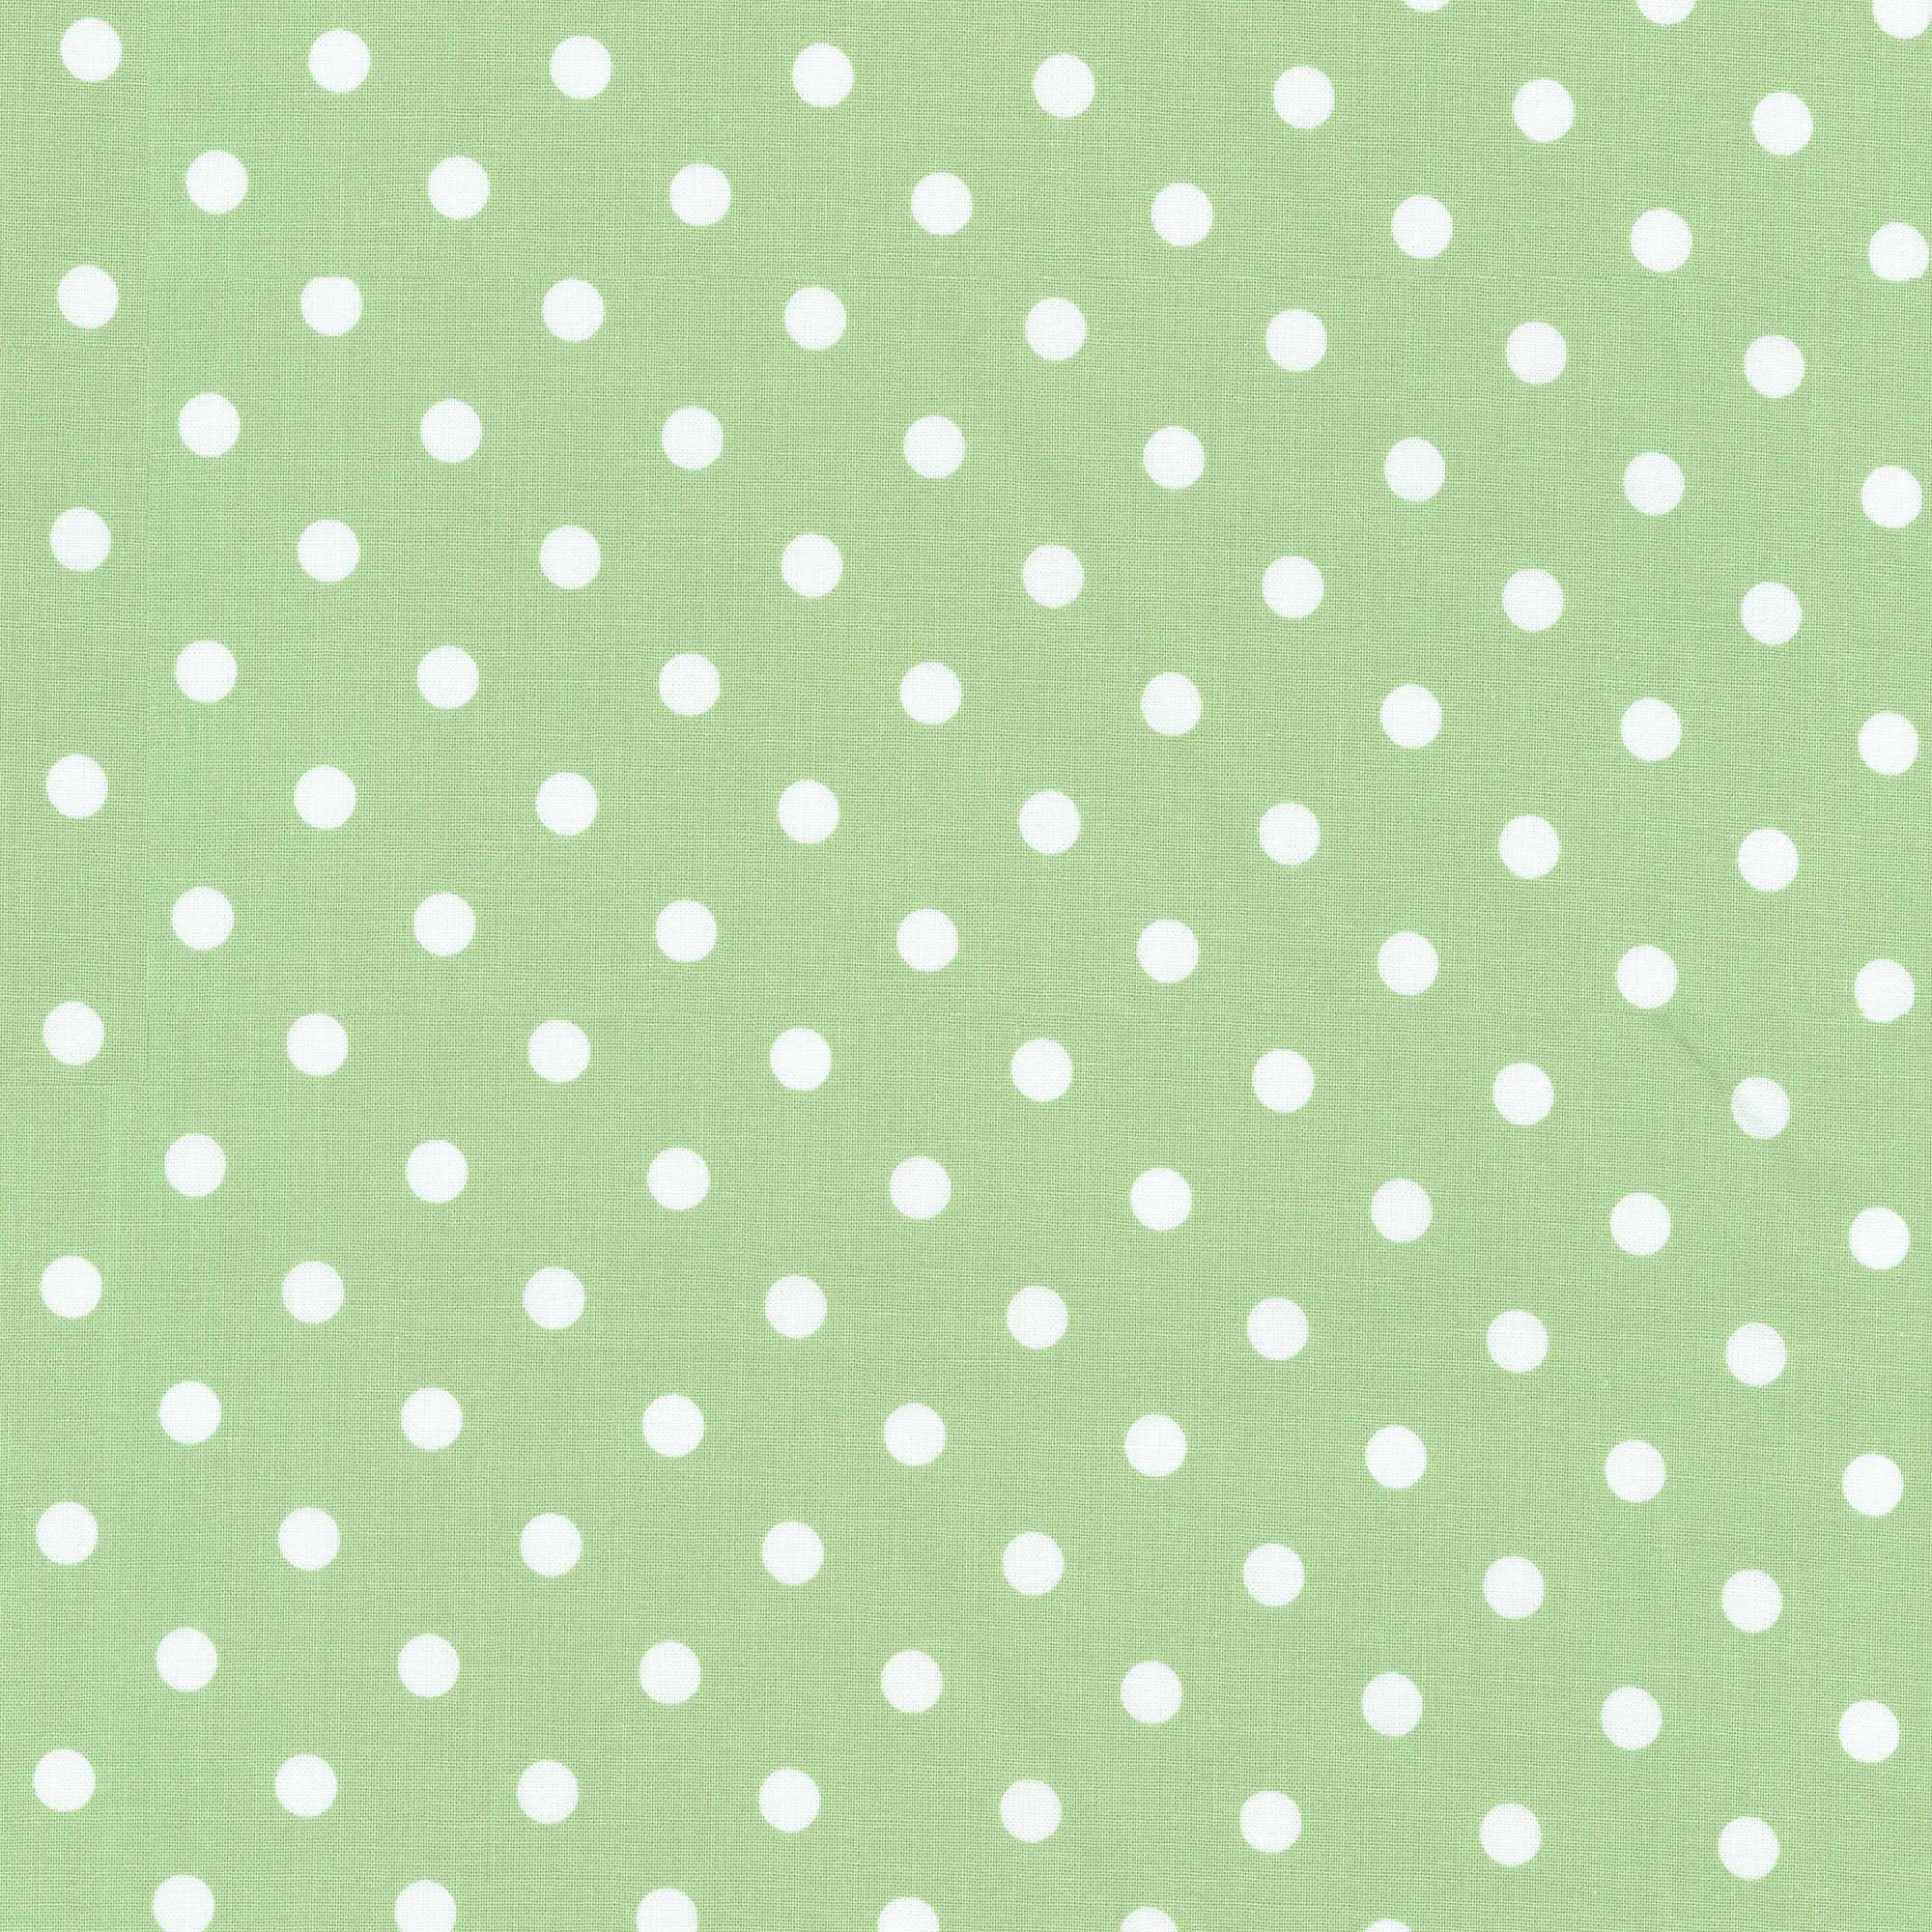 produkt_img/010506210.jpg